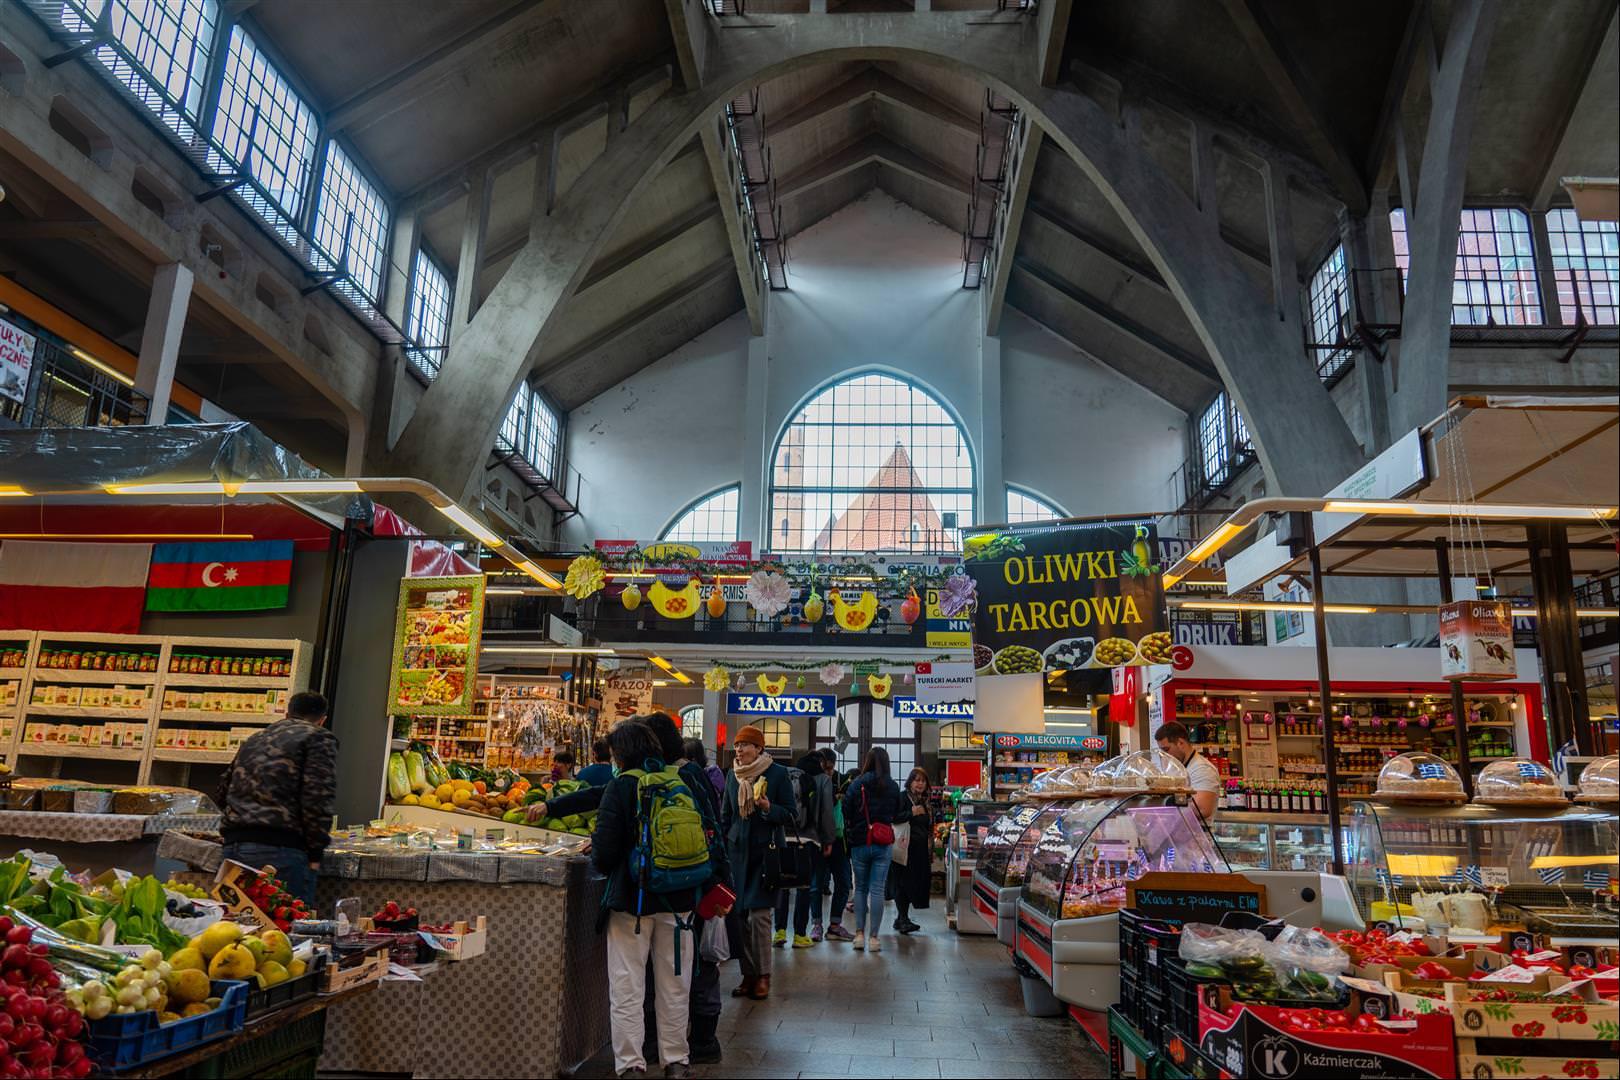 樂斯拉夫市場大廳